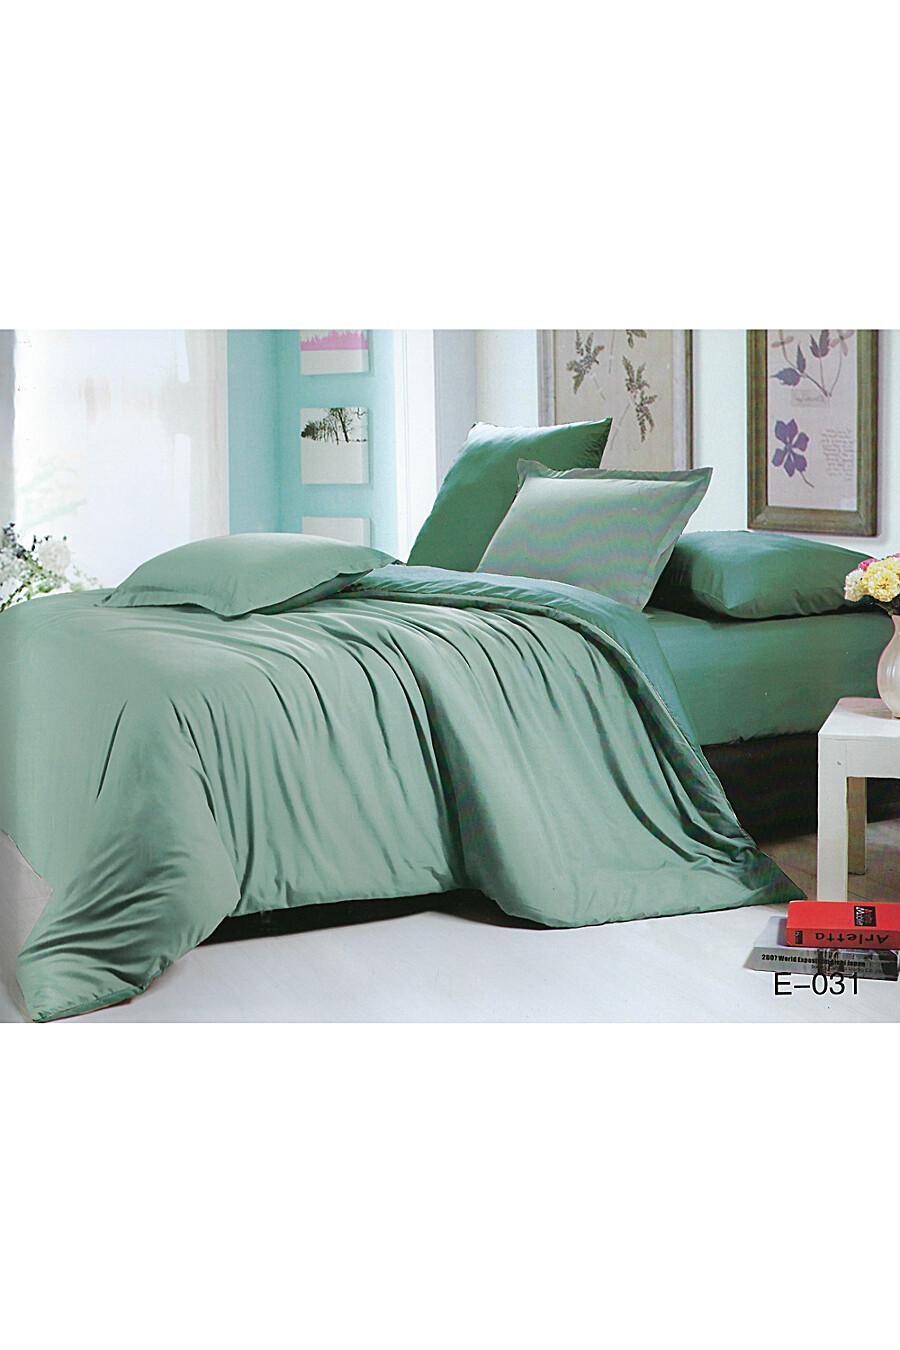 Комплект постельного белья #72151